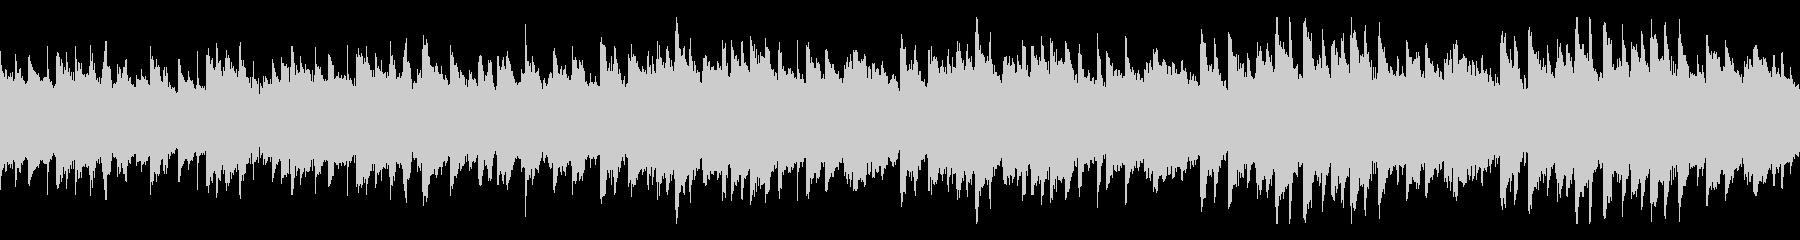 美しいく明るいメロディのピアノ 曲ループの未再生の波形